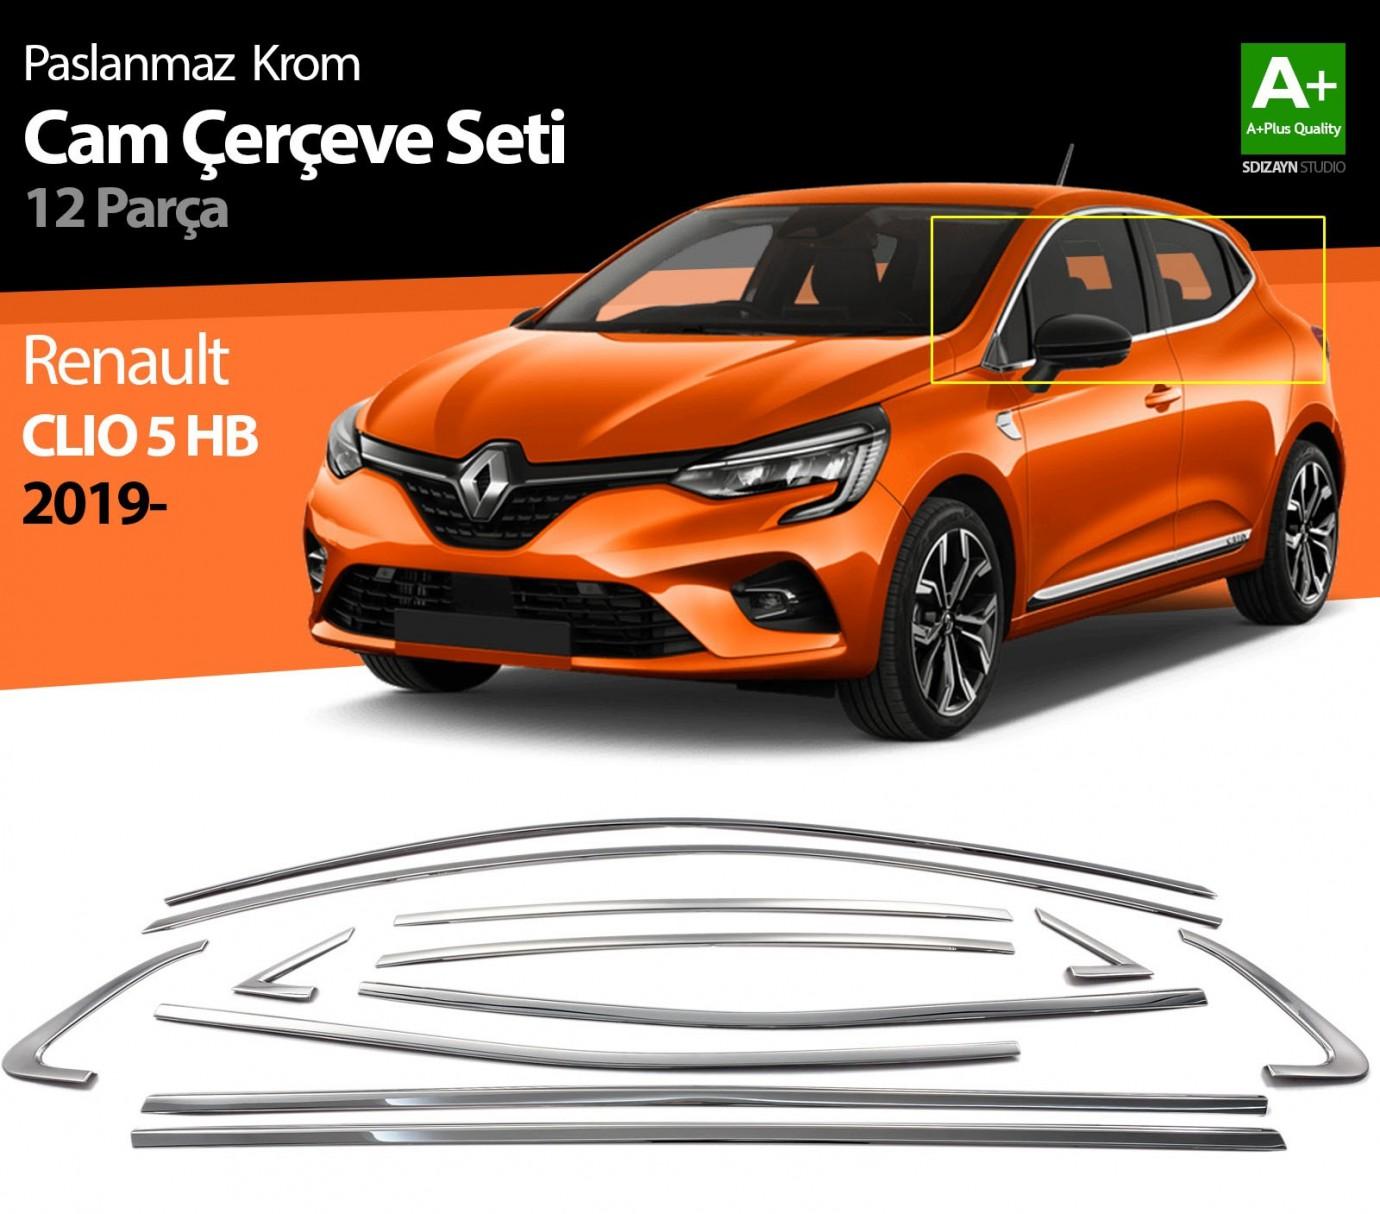 Renault Clio 5 Krom Cam Çerçevesi 12 Prç. 2019 ve Üzeri